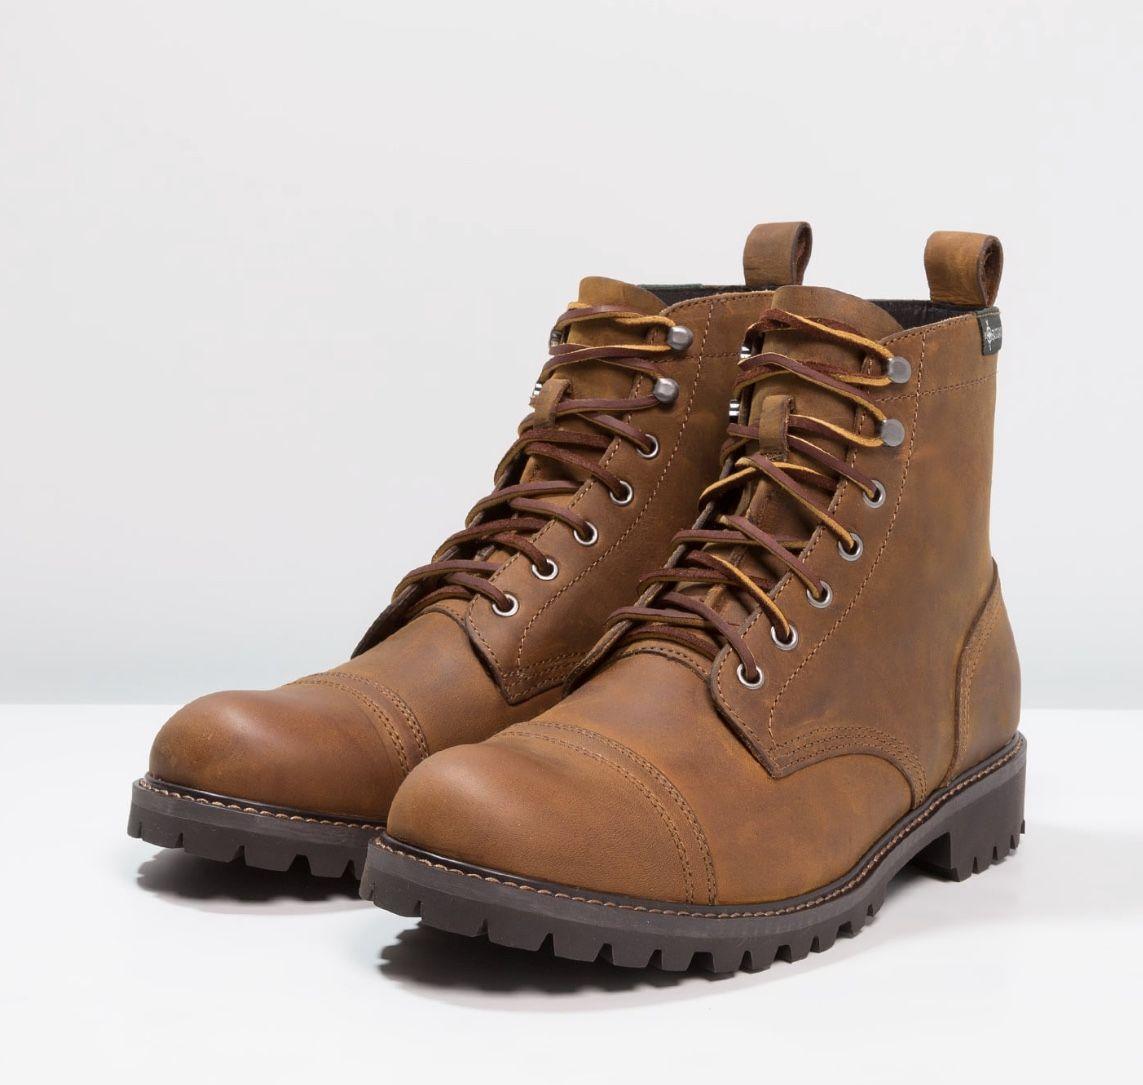 Red Wing Shoes - Zapatos de cordones de cuero para hombre negro negro 8 UK ajugEAfF